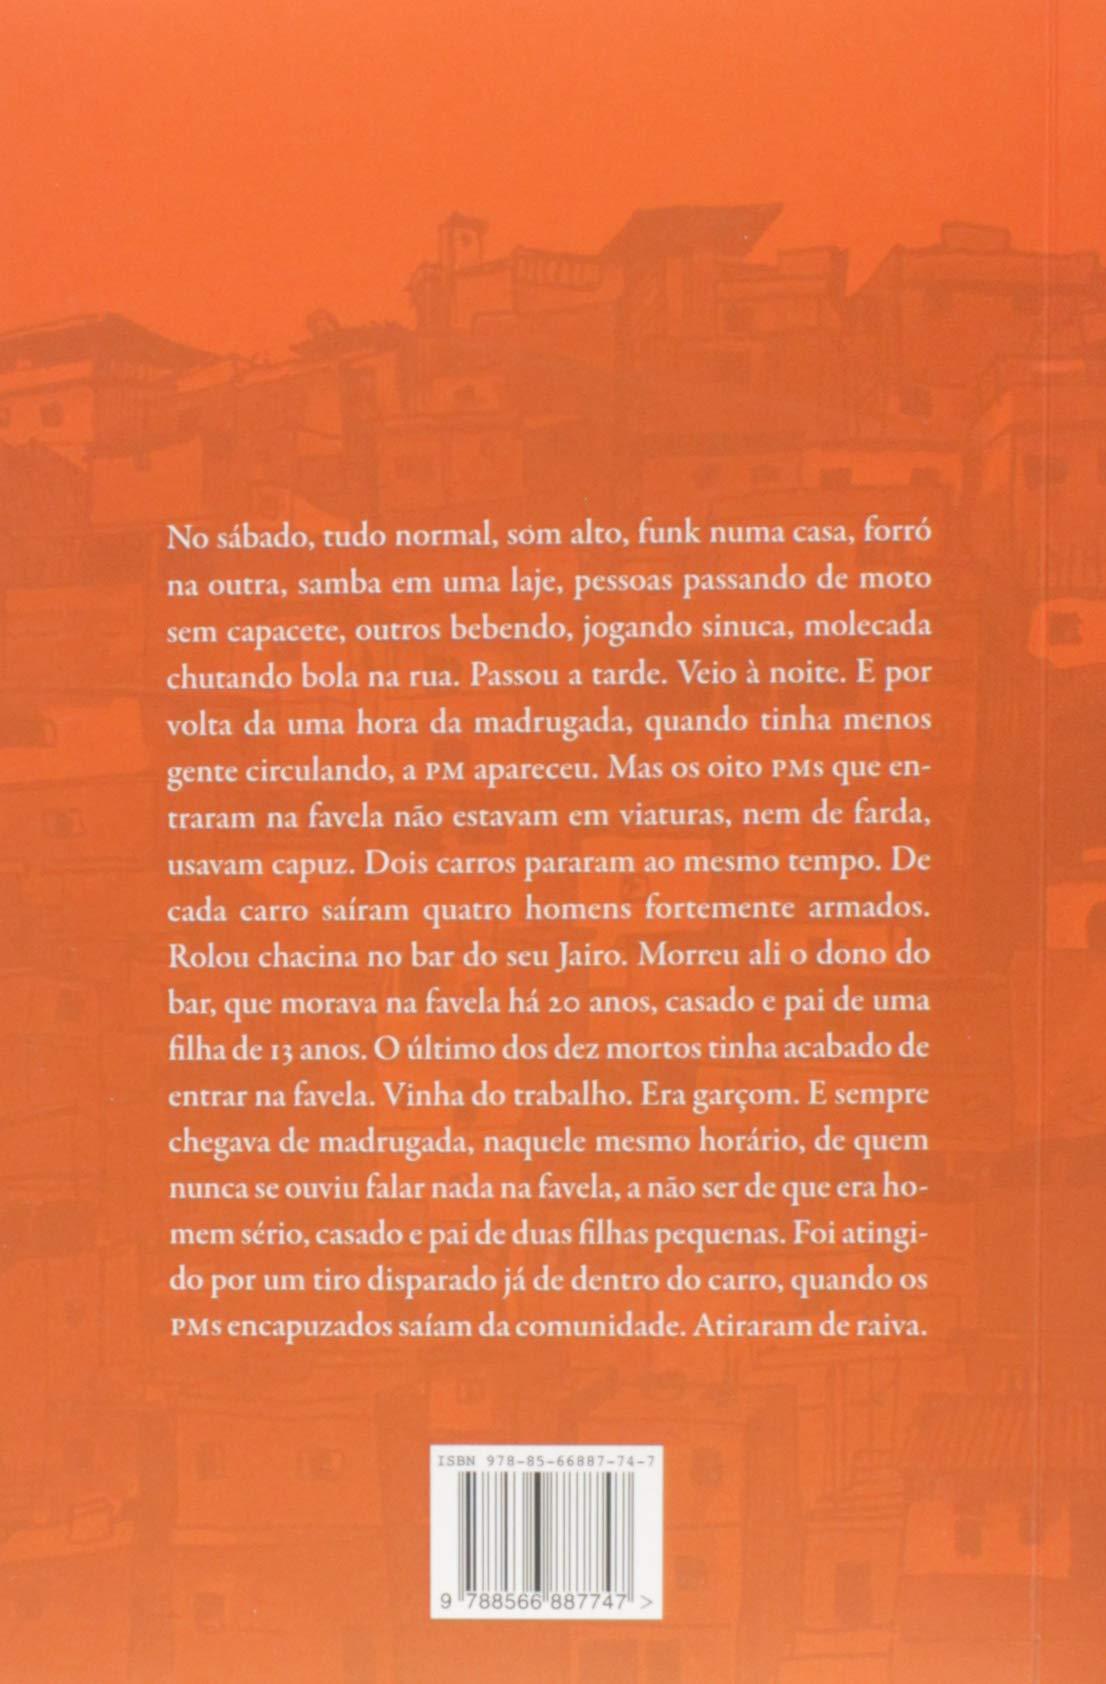 Vida de Suburbano - Alessandro Buzo  - LiteraRUA